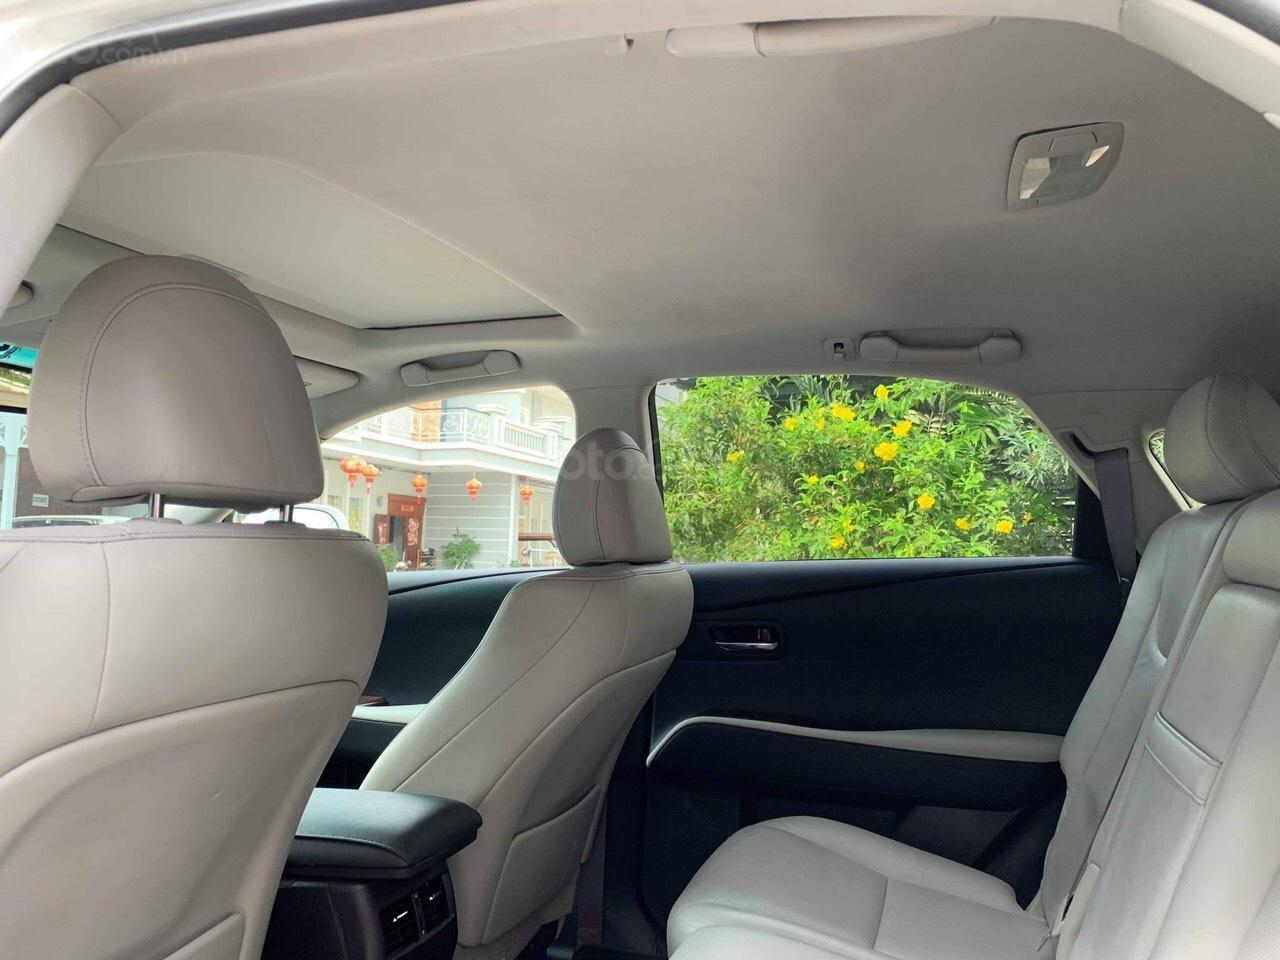 Bán Lexus RX 450h năm 2013, màu trắng, xe nhập, giá 500tr (8)